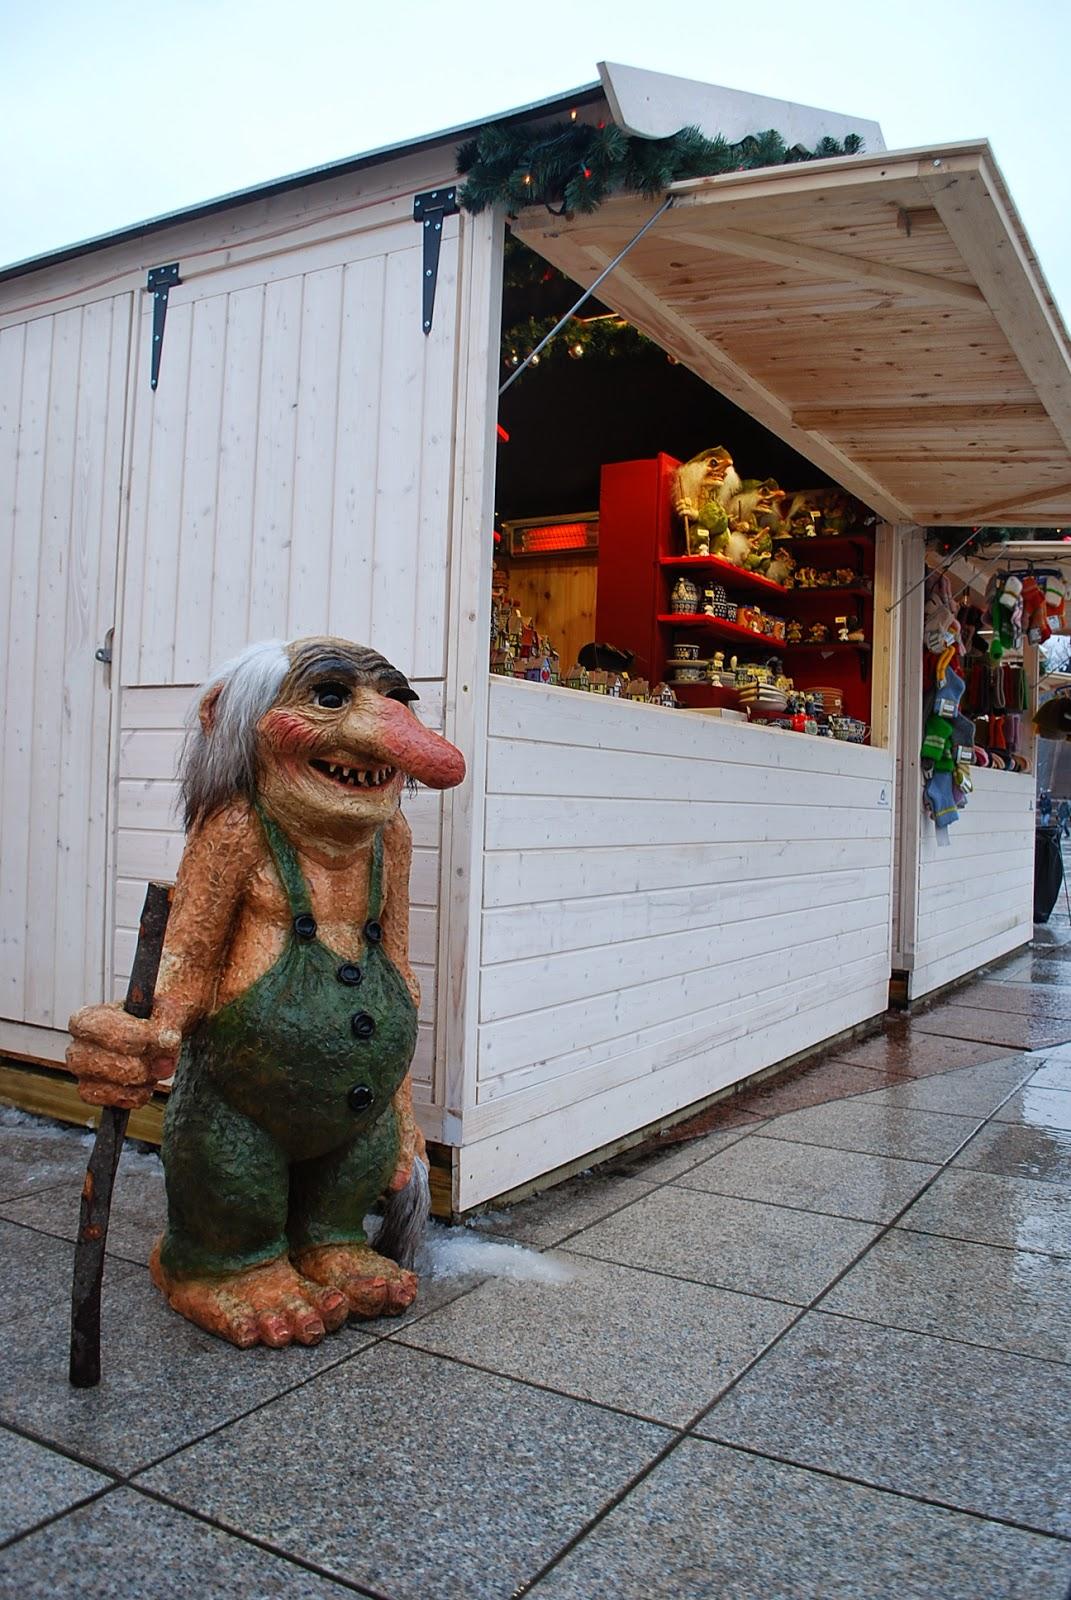 Рождественская ярмарка и неизвестное существо:)